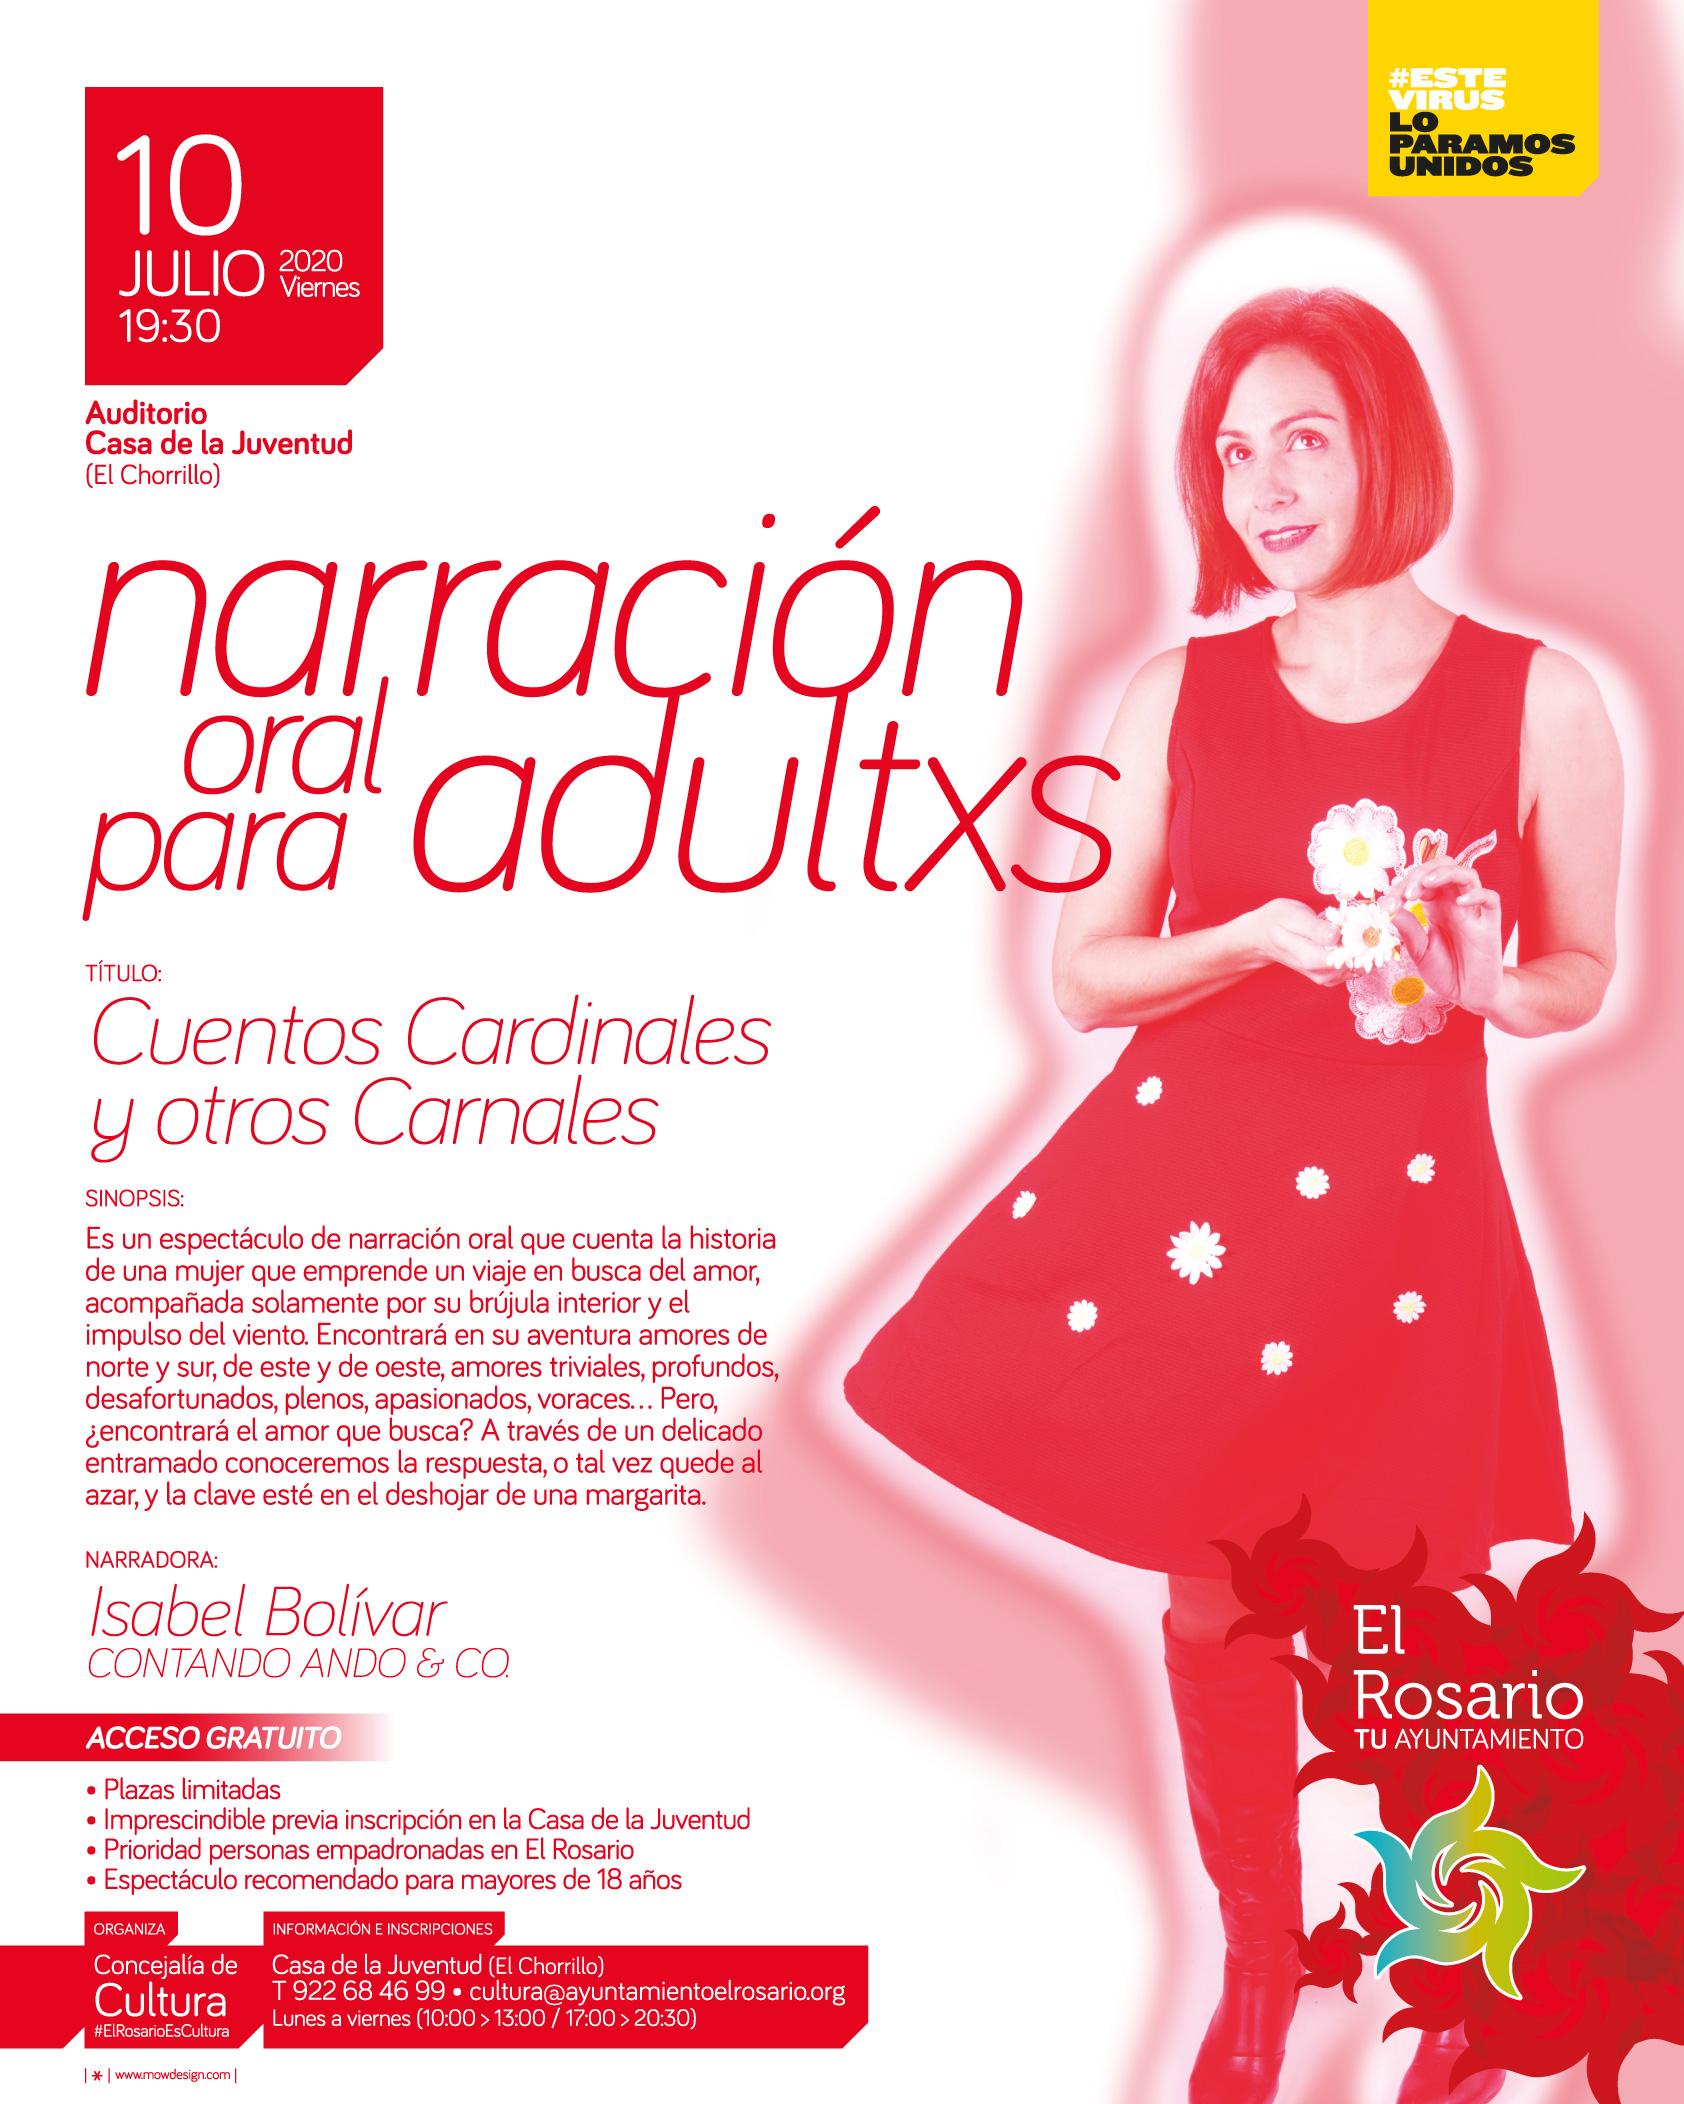 NARRACION_ORAL_PARA_ADULTxS-20200710-CARTEL_A3-20200701-02af-rrss